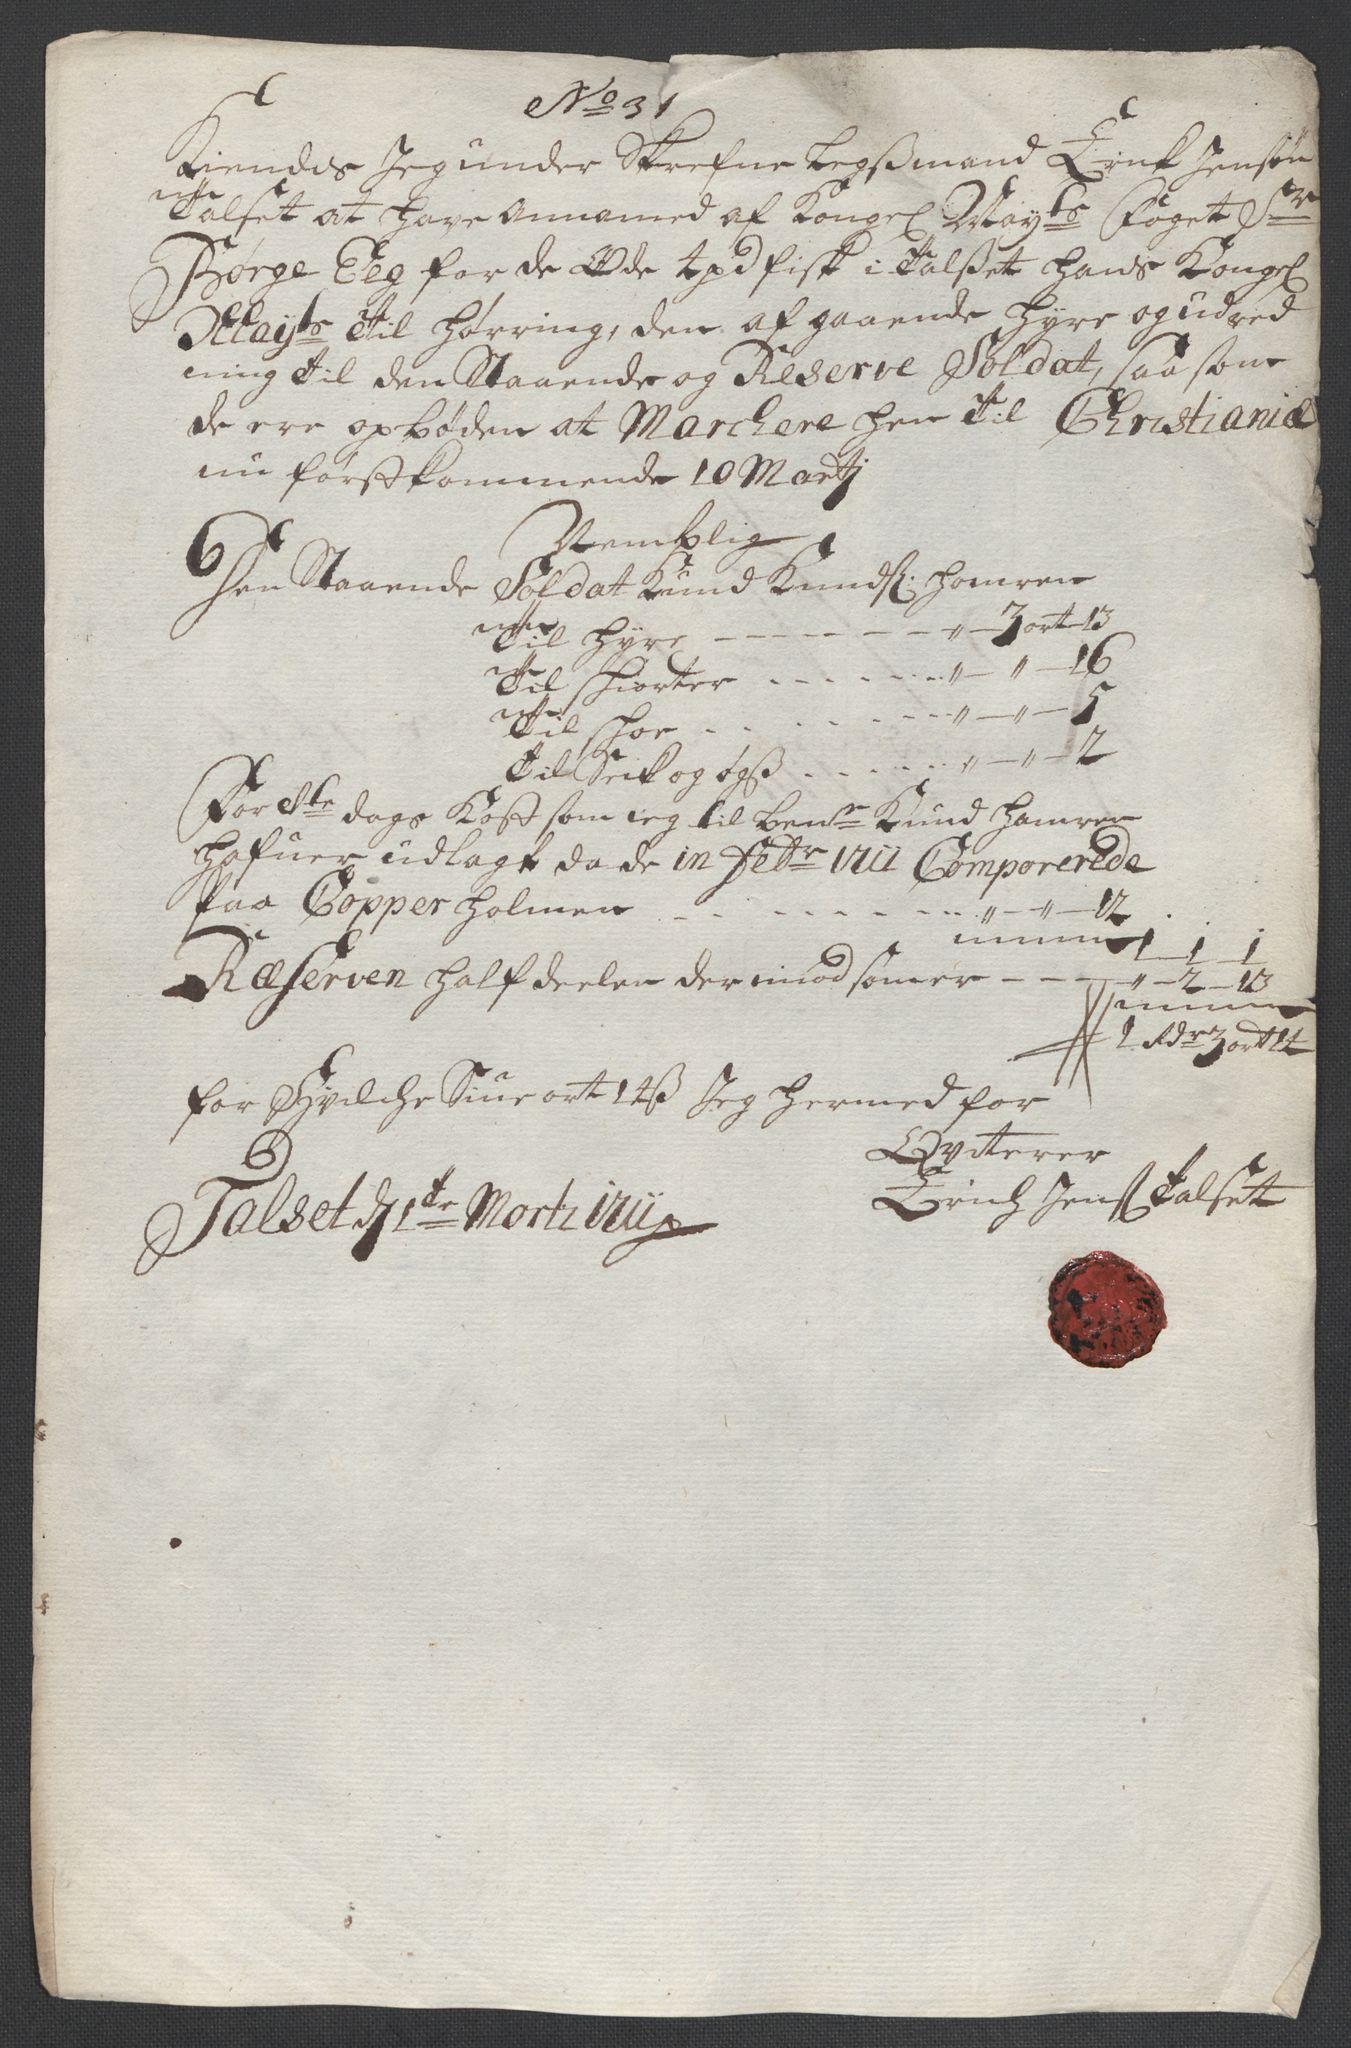 RA, Rentekammeret inntil 1814, Reviderte regnskaper, Fogderegnskap, R55/L3660: Fogderegnskap Romsdal, 1711, s. 437